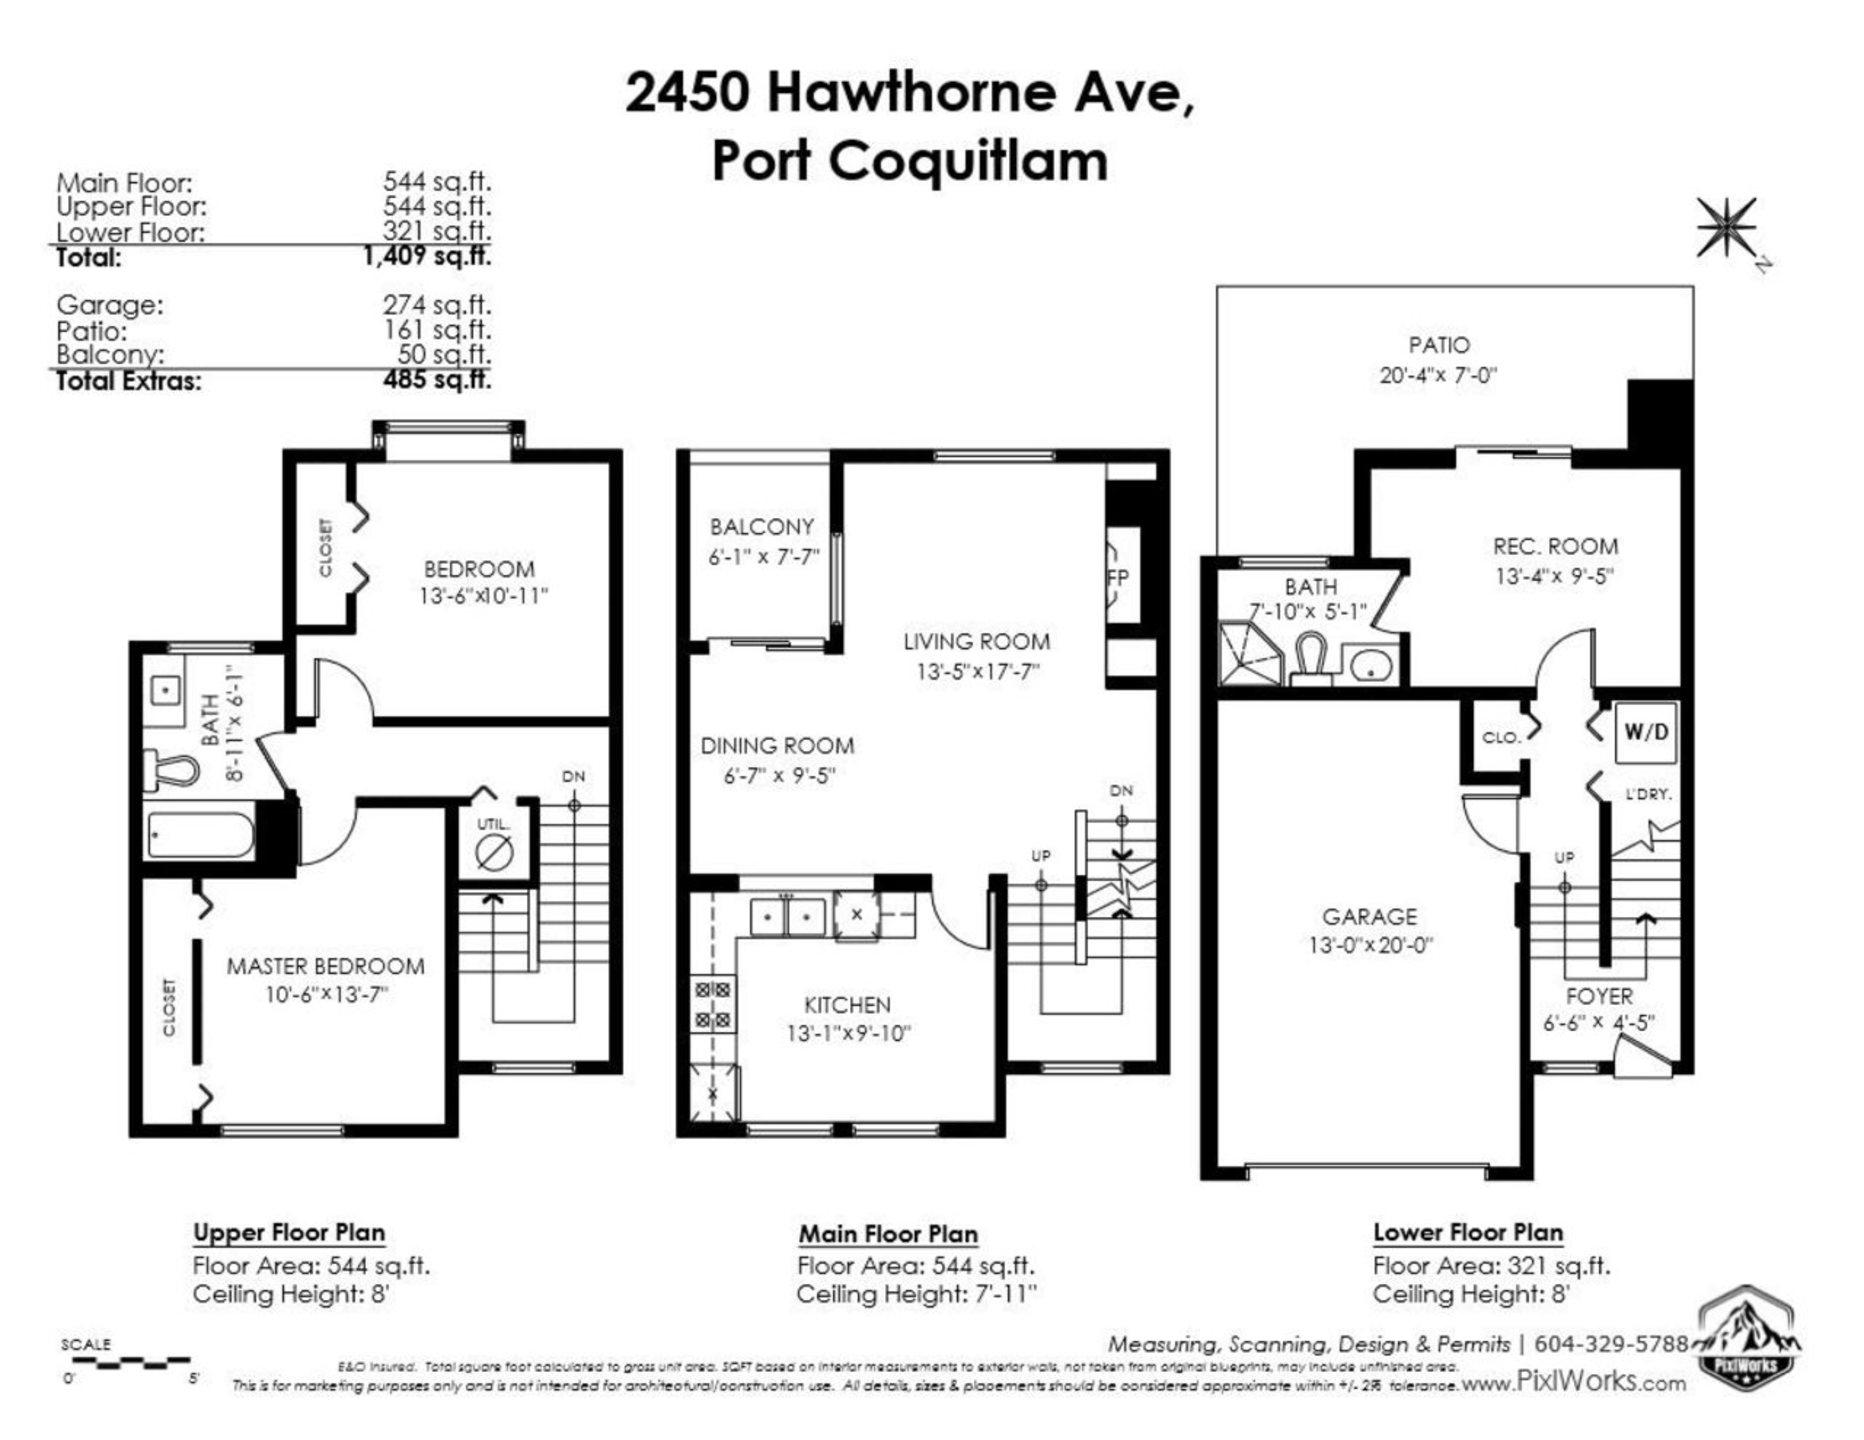 2450-hawthorne-avenue-central-pt-coquitlam-port-coquitlam-02 at 113 - 2450 Hawthorne Avenue, Central Pt Coquitlam, Port Coquitlam